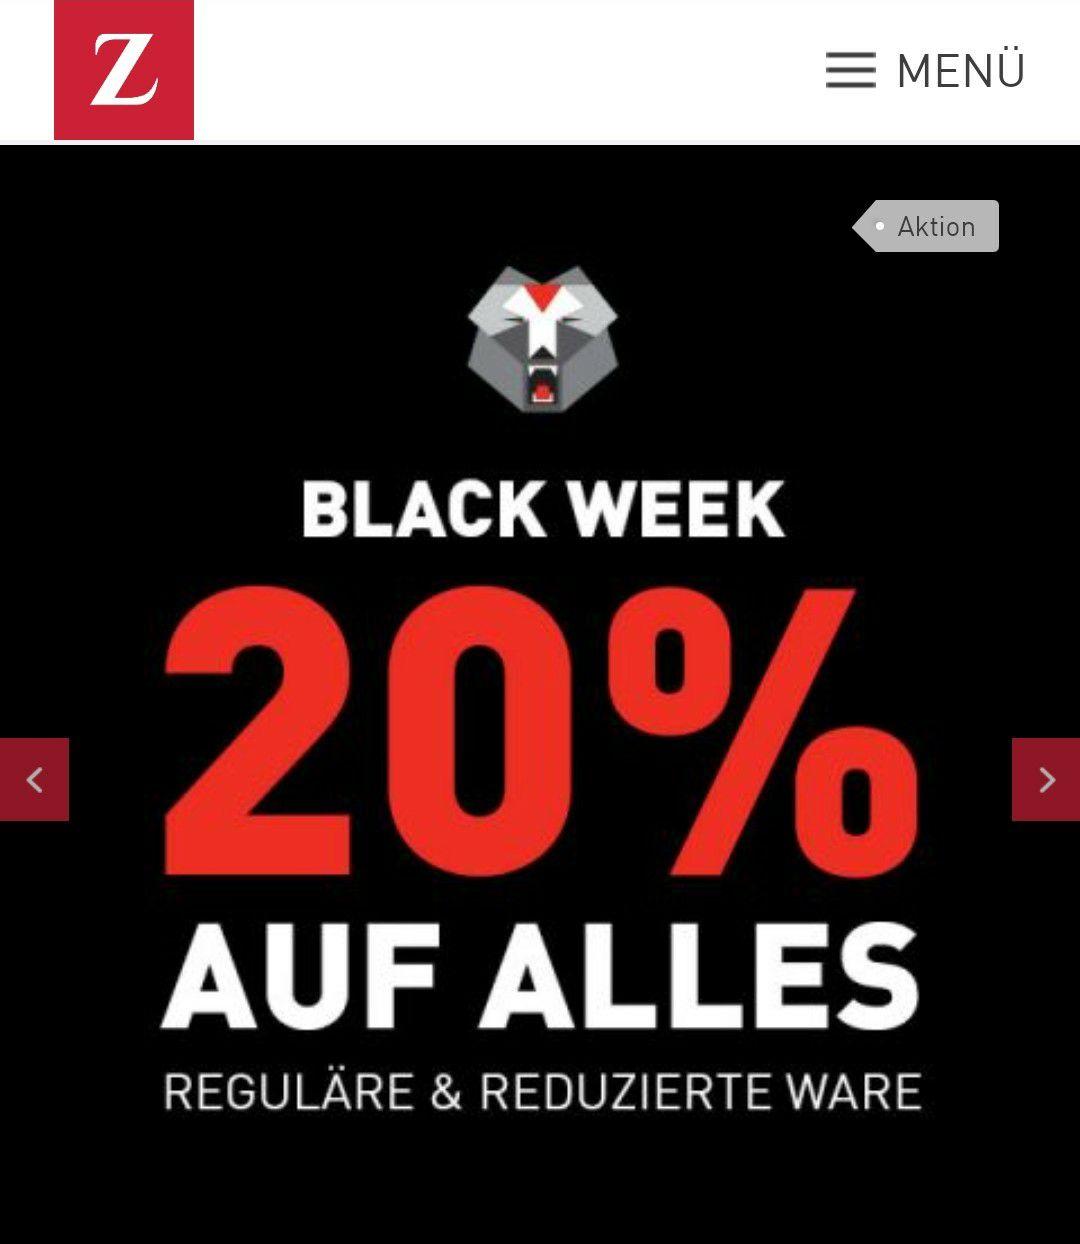 BLACK Week bei Zinser- 20% auf alles, auch Reduziertes (online und in den Filialen)